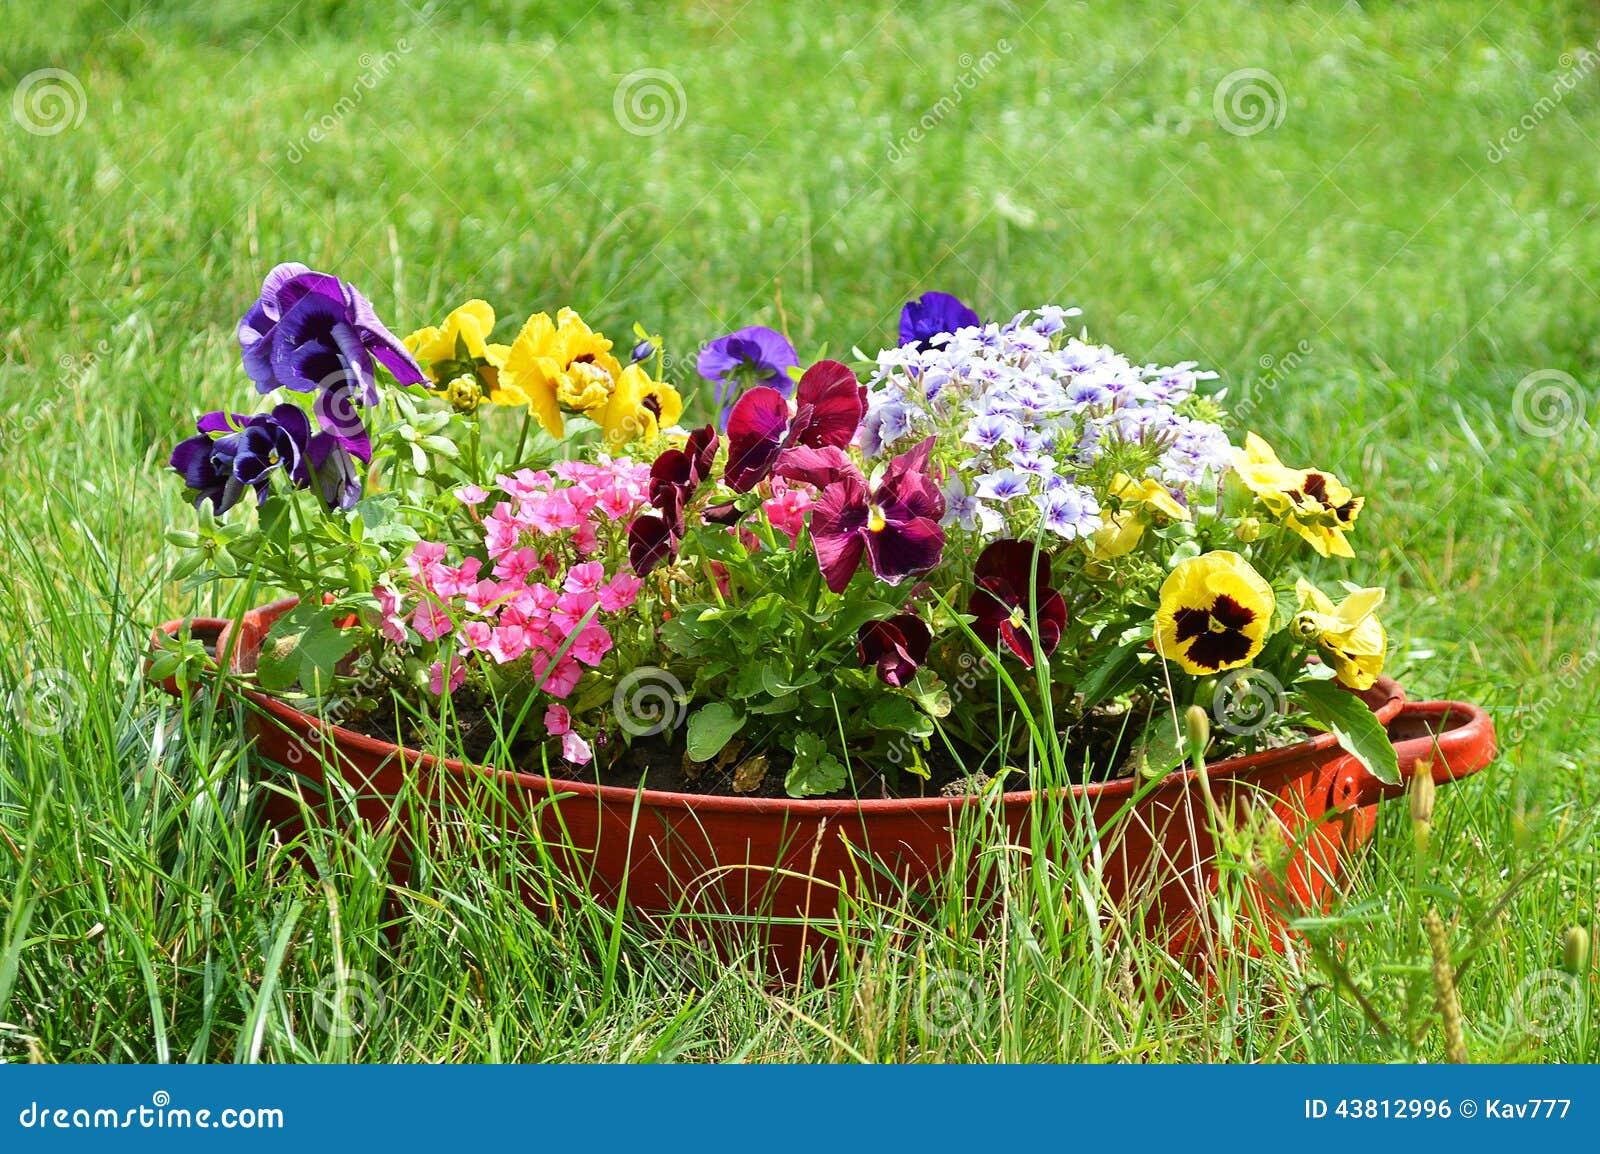 Ideen Fur Garten Blumen Im Alten Waschbecken Stockfoto Bild Von